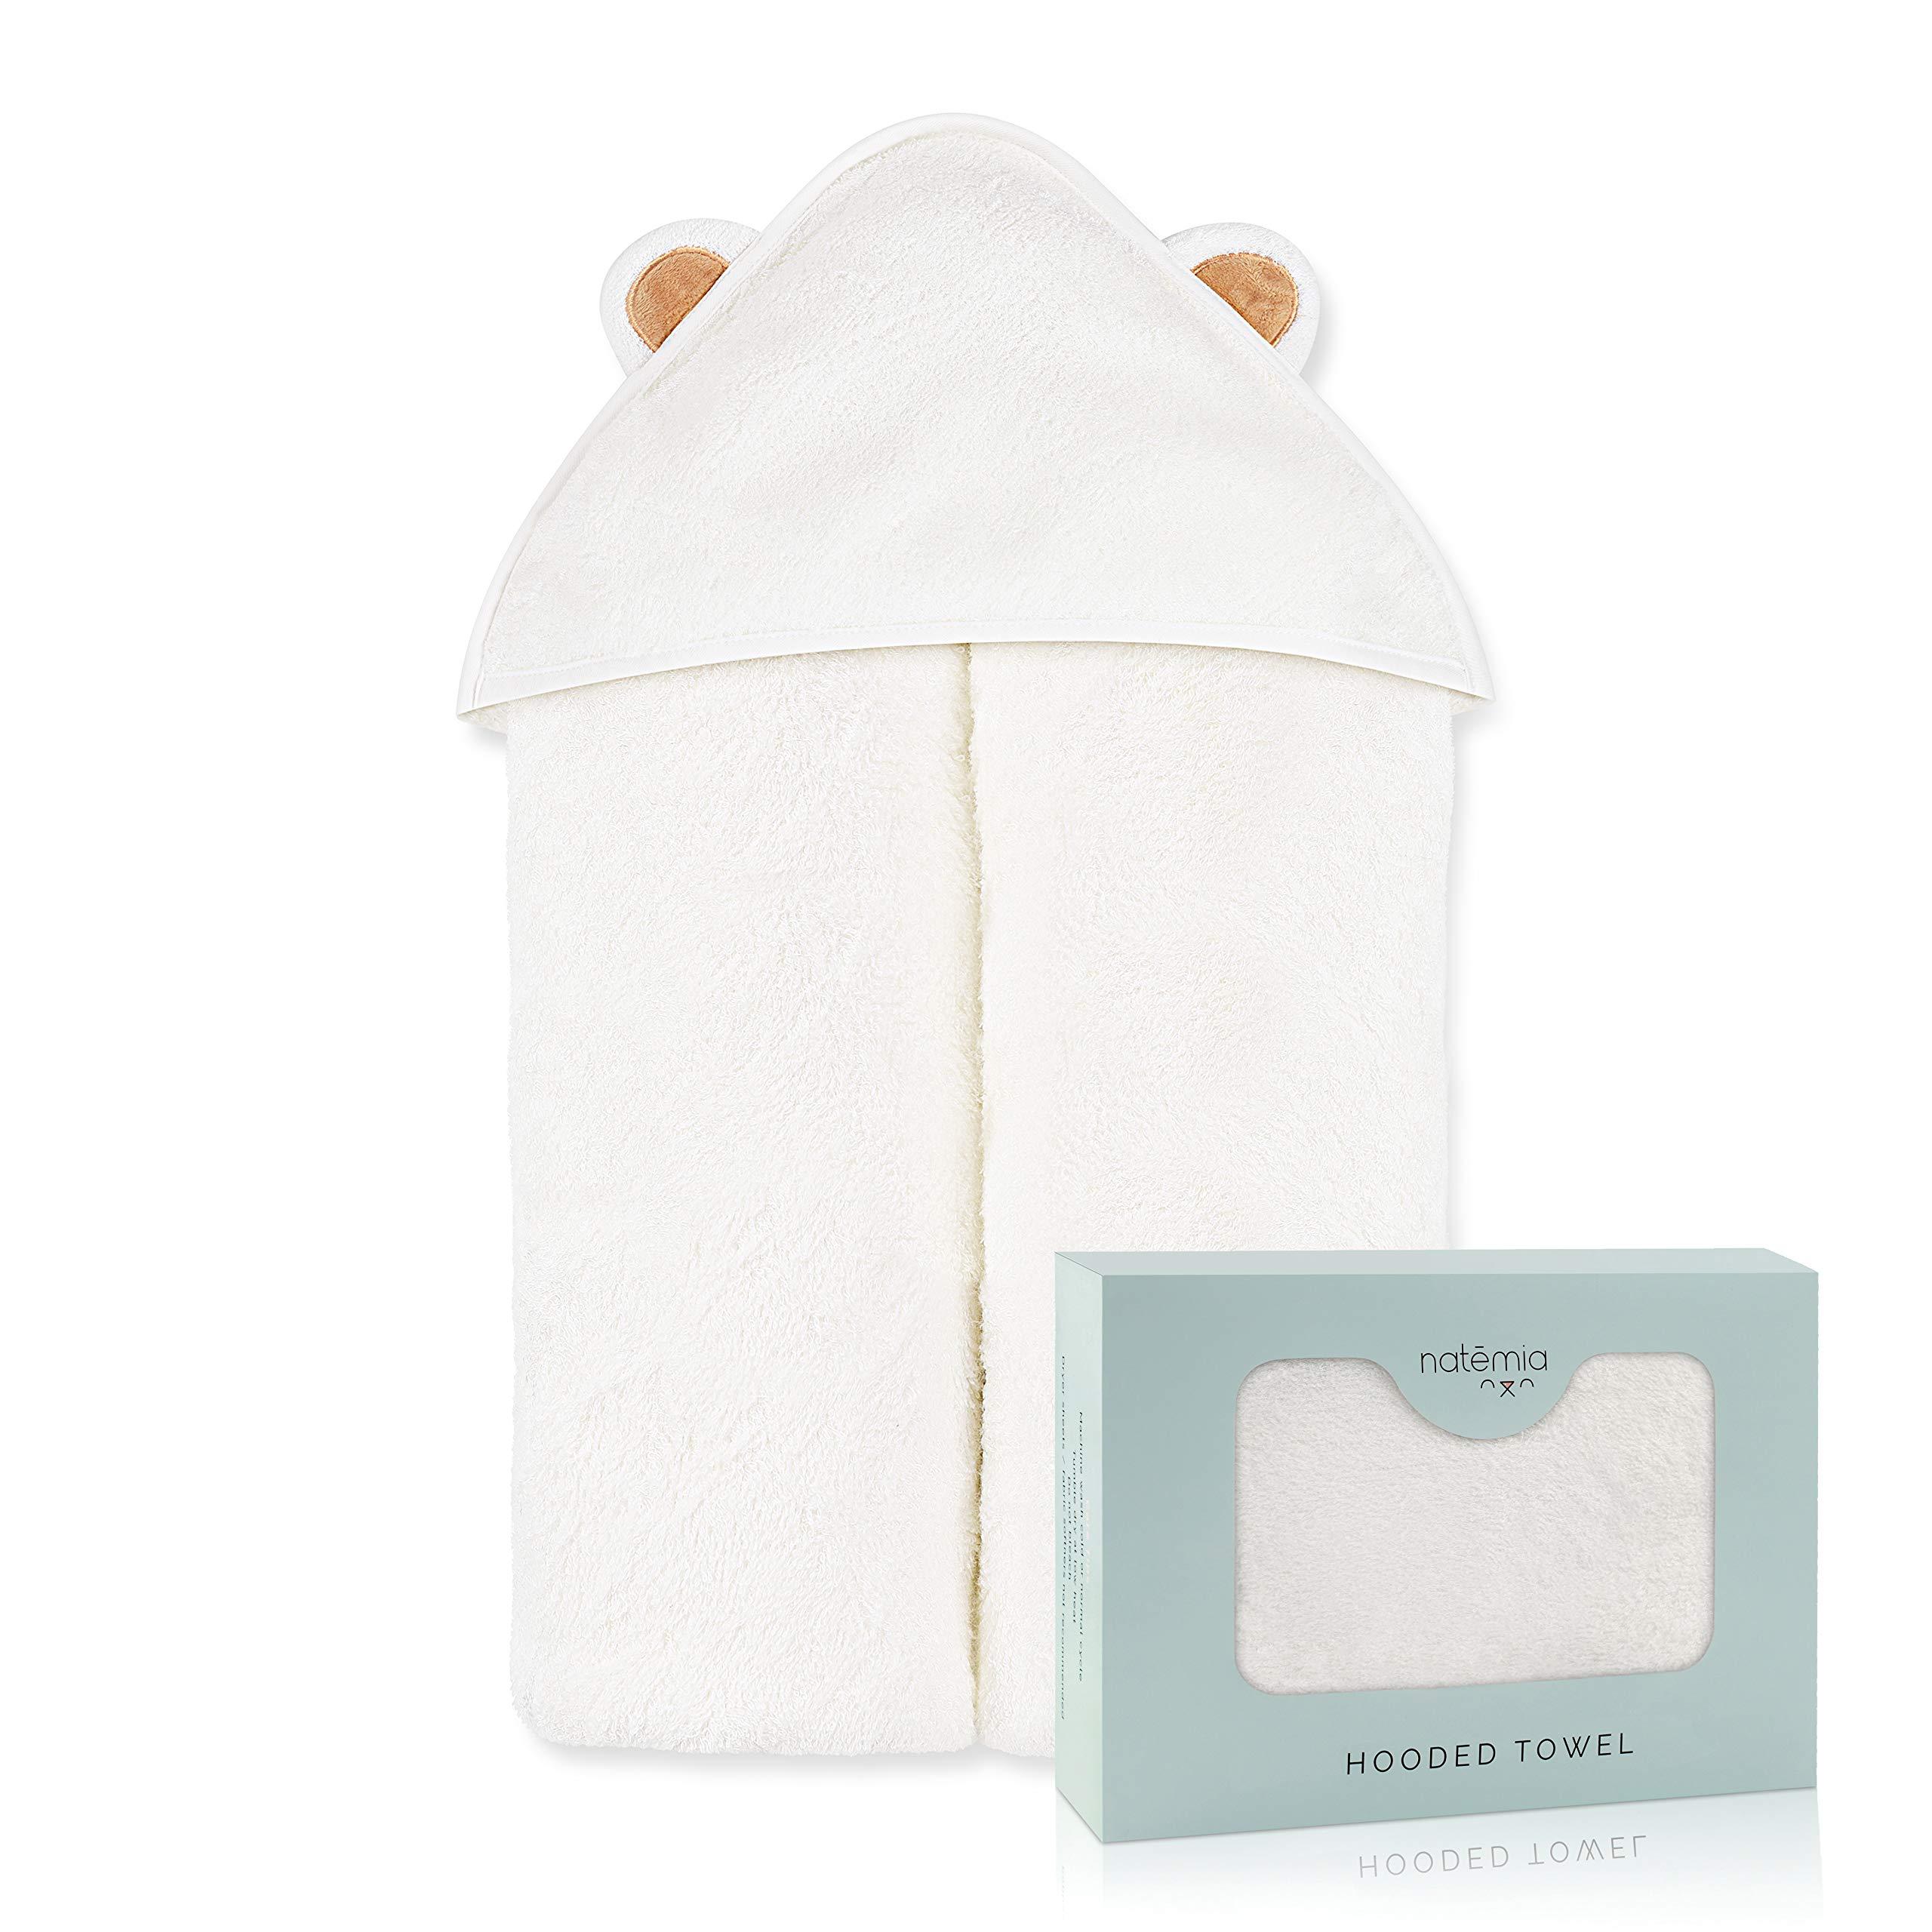 natemia 超柔软婴儿竹连帽浴巾 保持婴儿干爽和温暖  尺寸适用于宝宝和幼儿